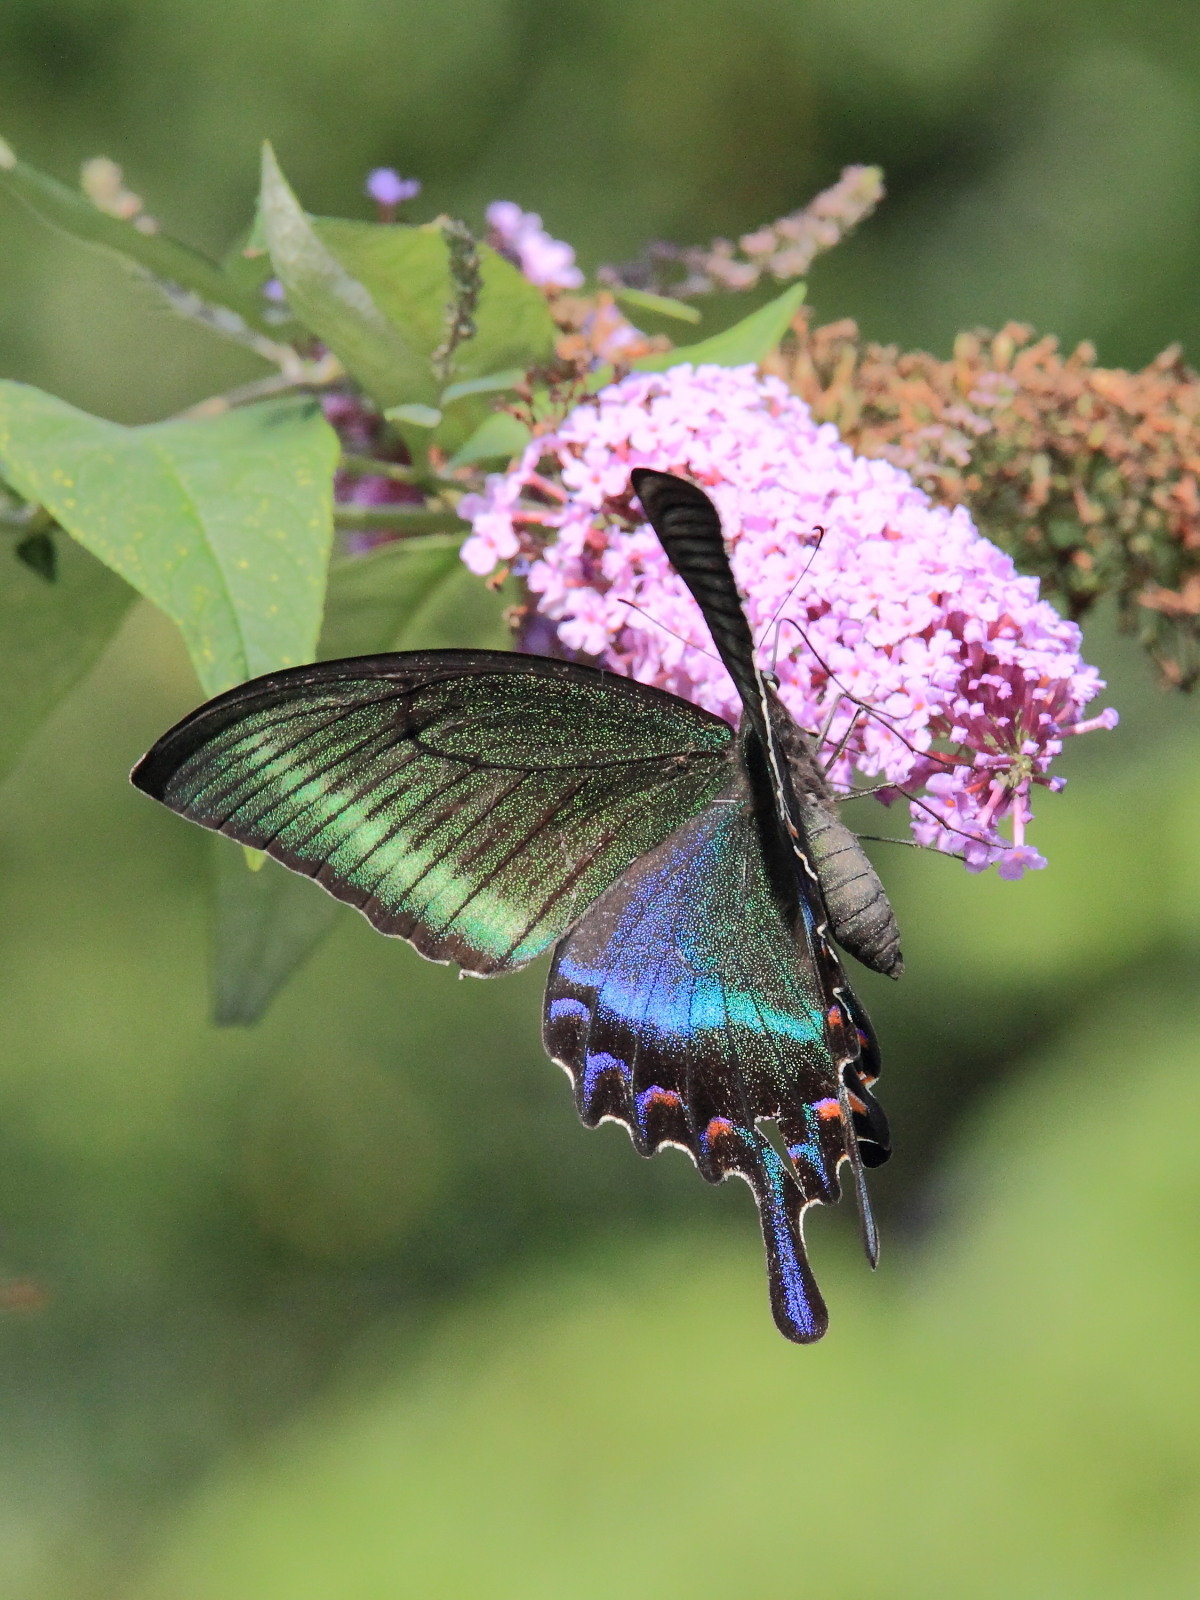 ミヤマカラスアゲハ  憧れの♀は夏型の大きな個体でした。  2010.8.21長野県_a0146869_5384823.jpg